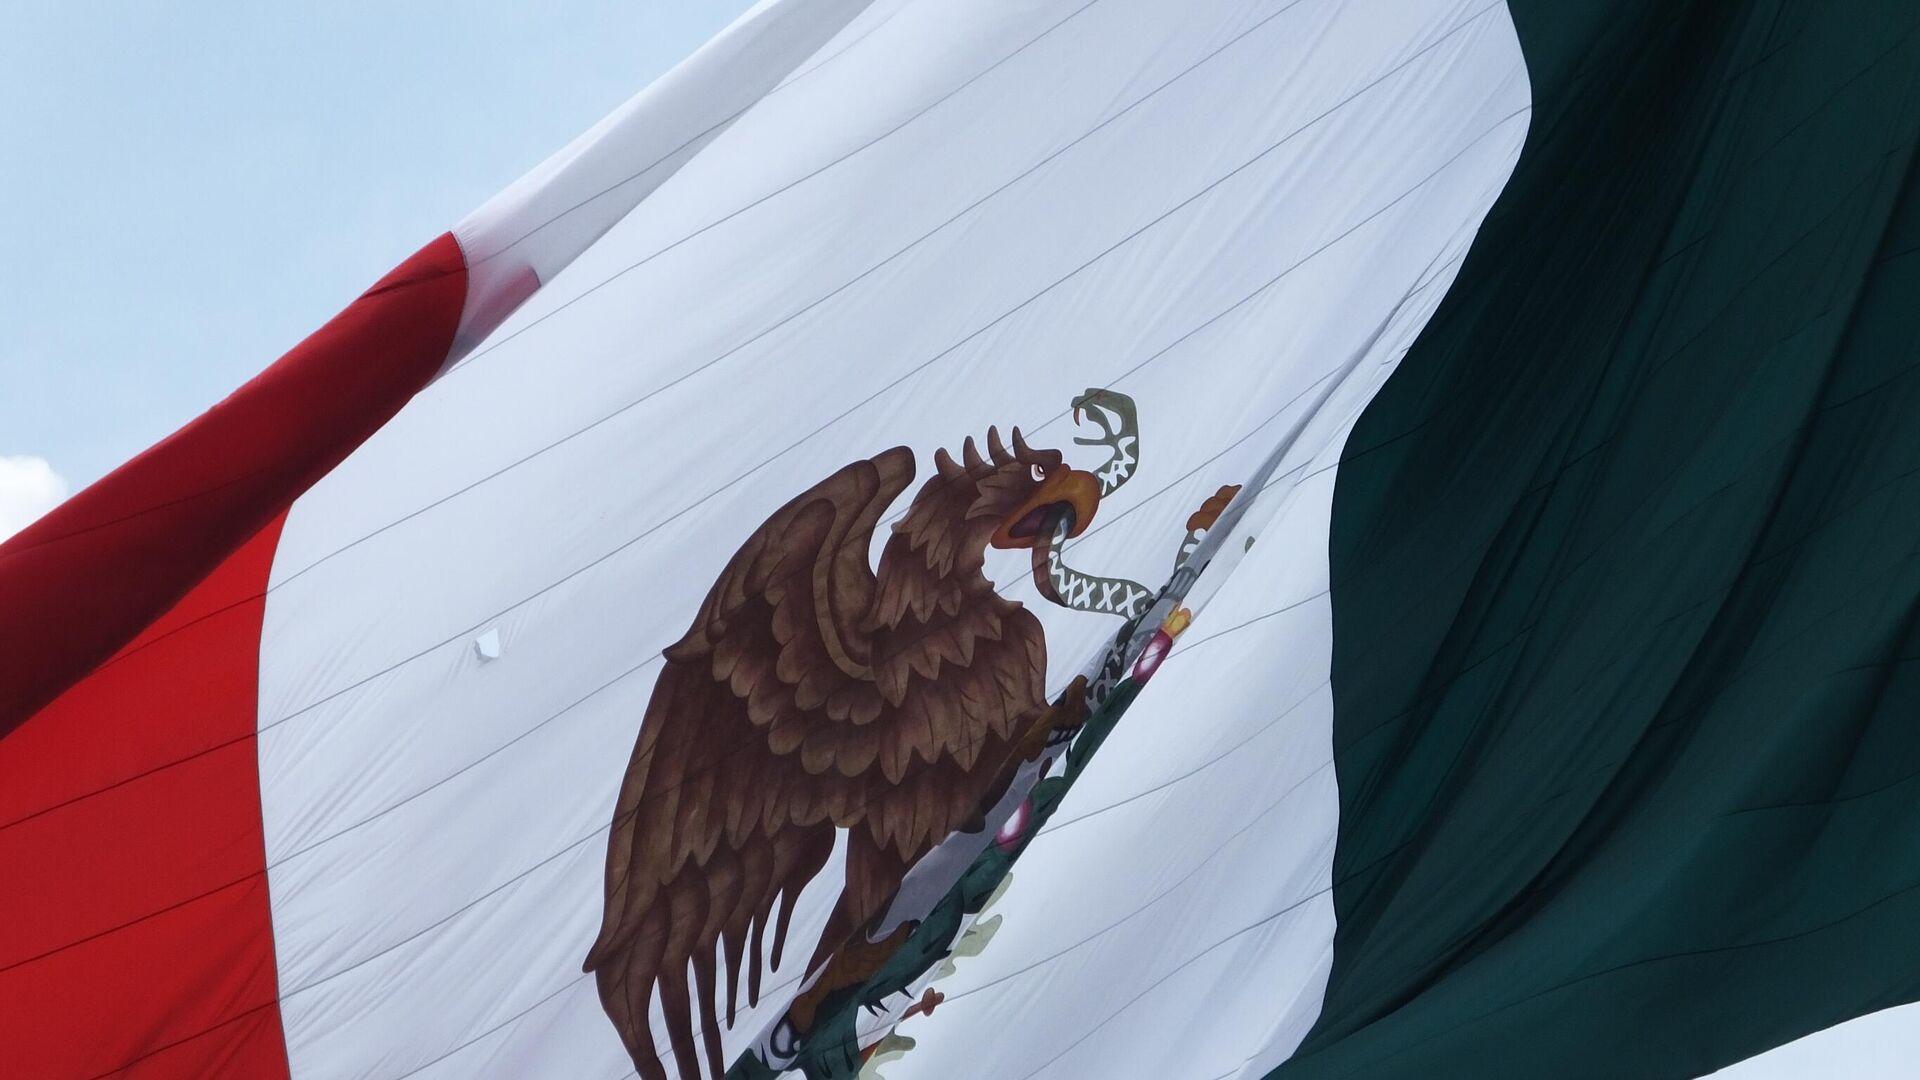 Bandera de México - Sputnik Mundo, 1920, 13.04.2021